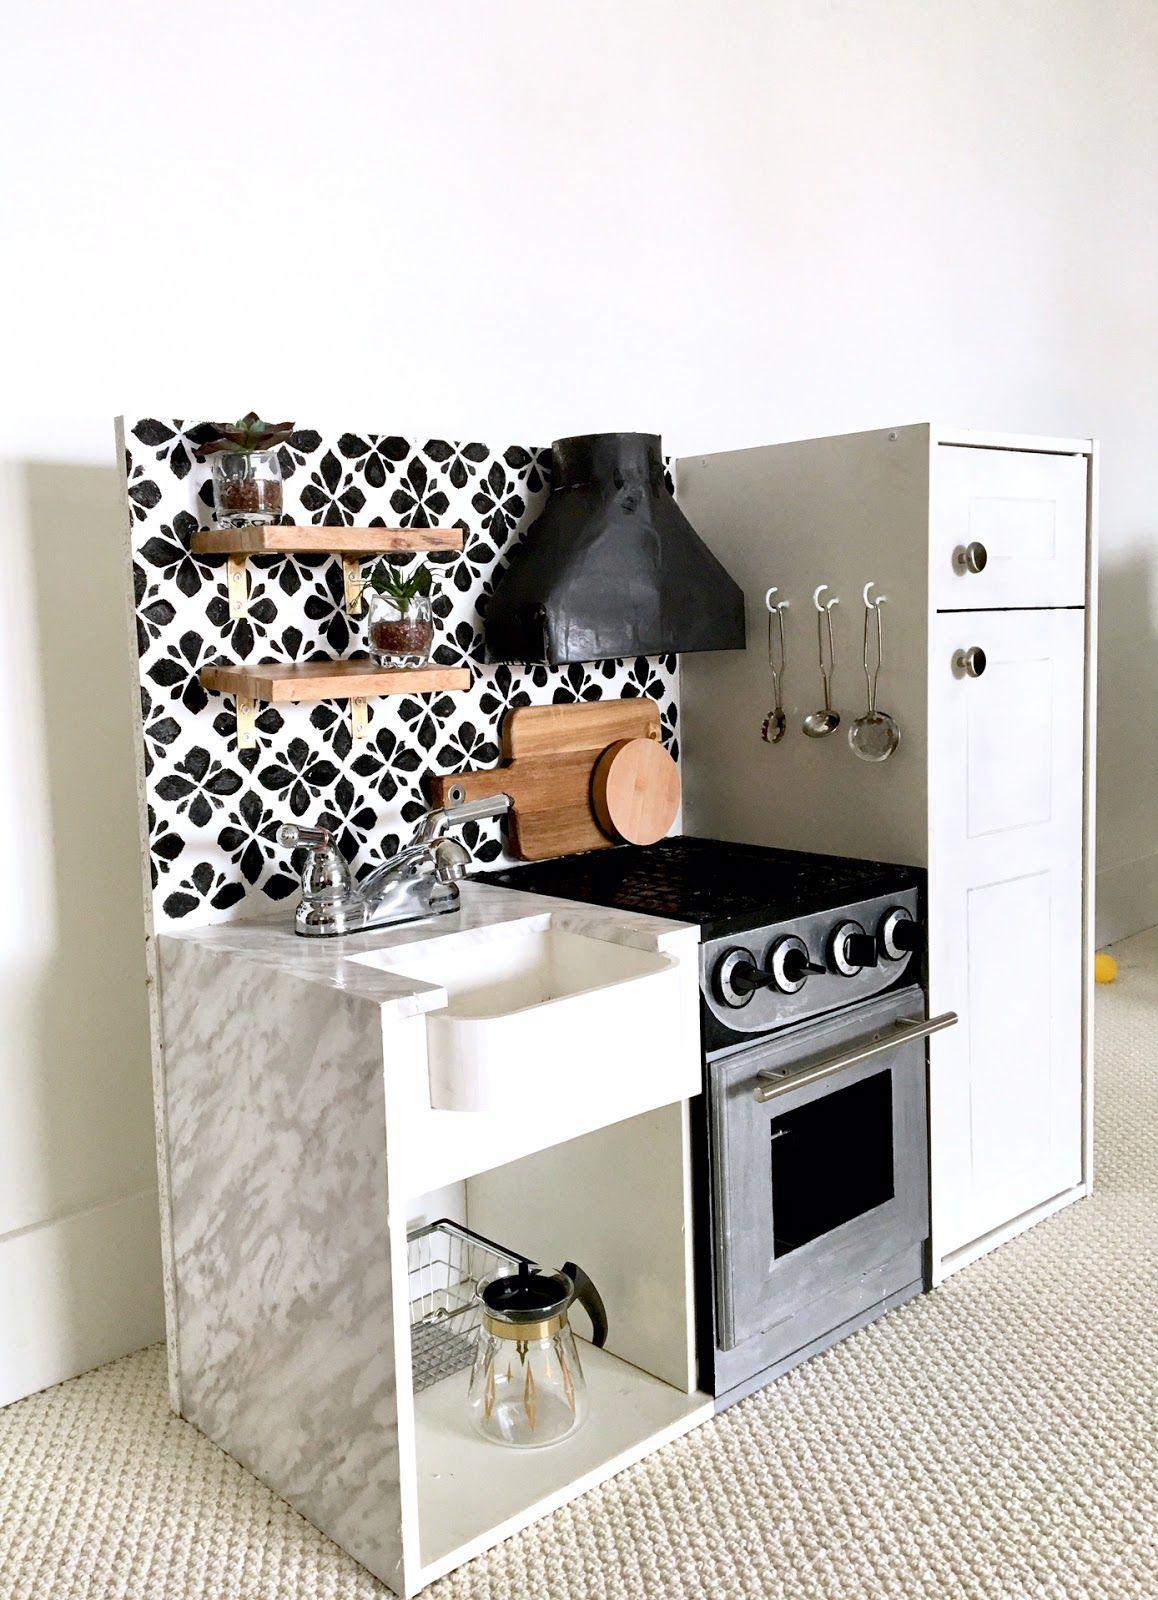 DIY Play Kitchen An Update in 2020 Diy kids kitchen